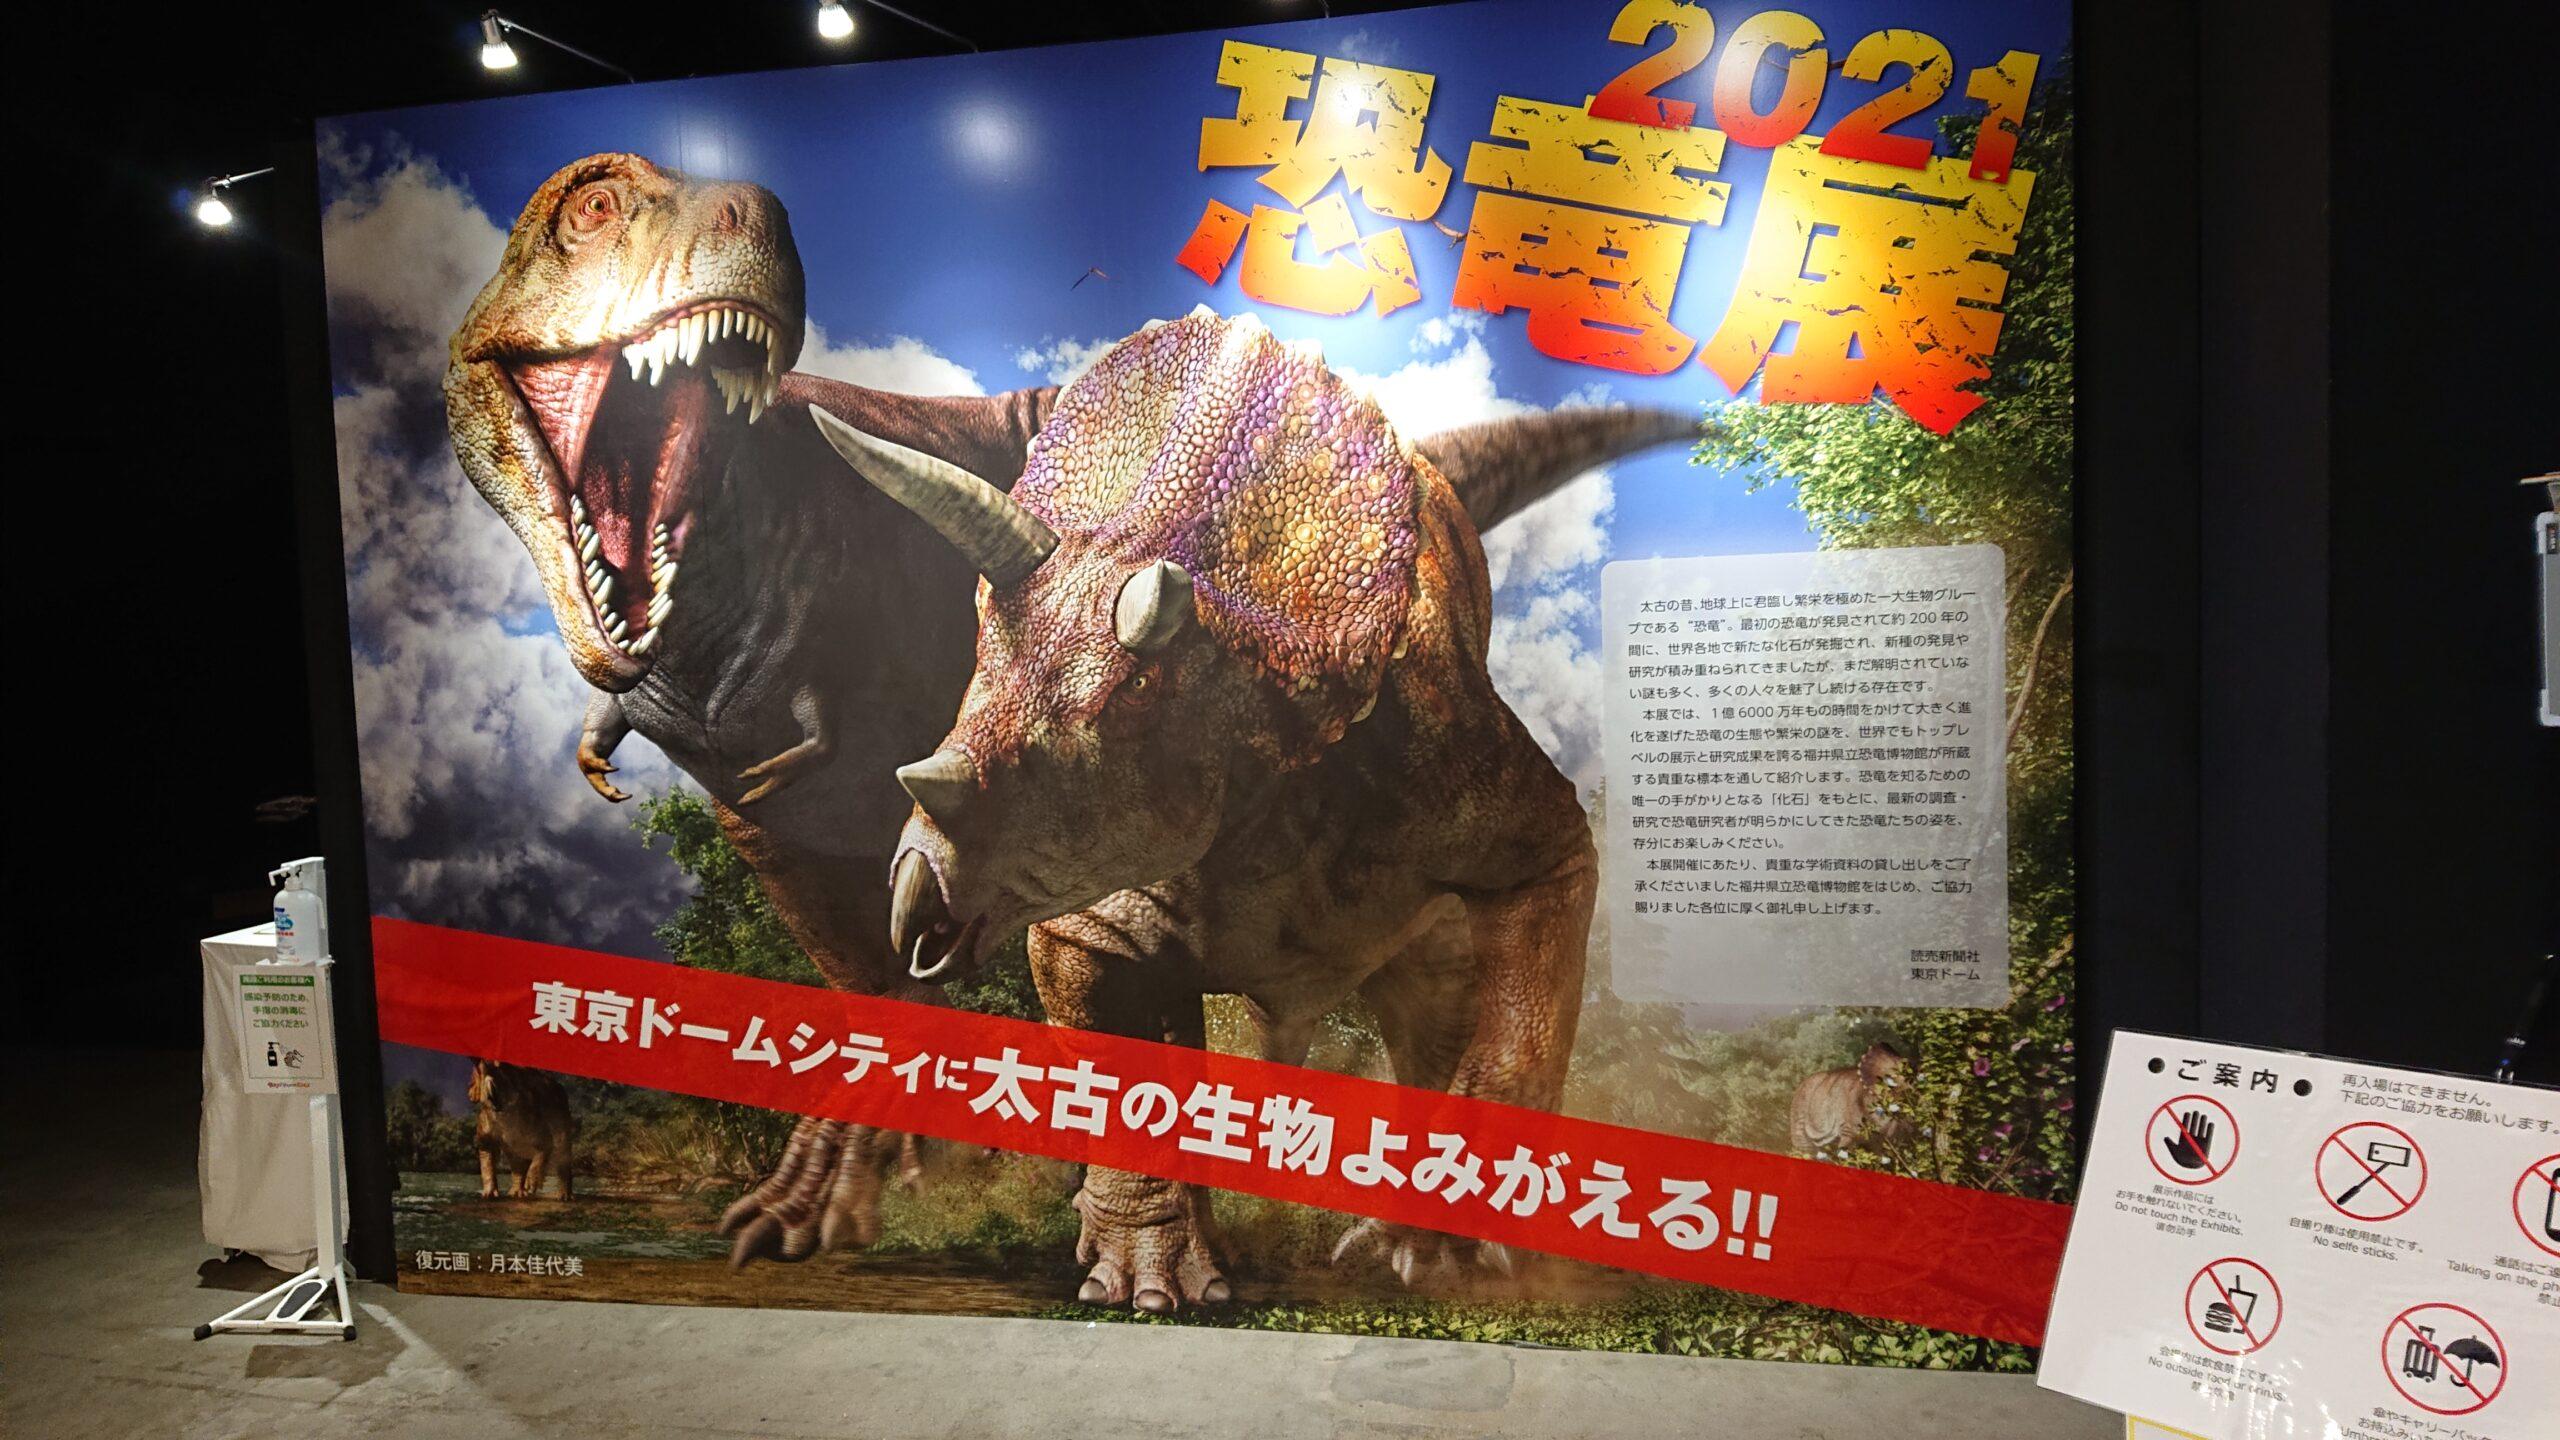 東京ドームシティで開催されている恐竜展2021のパネル